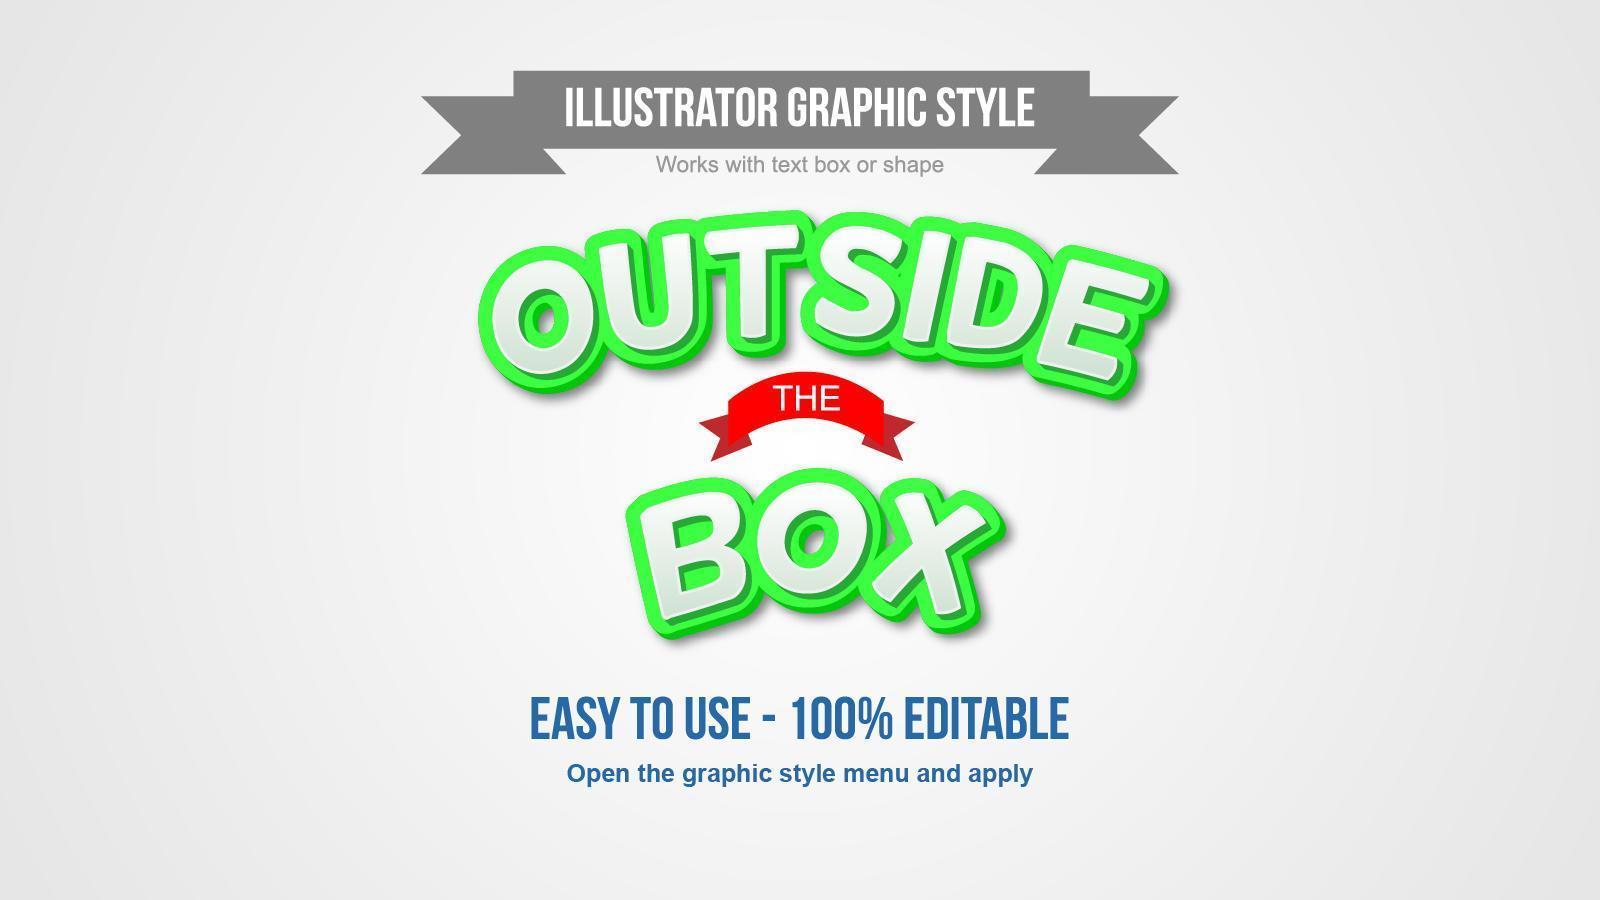 efecto de texto de dibujos animados 3d arqueado verde y blanco vector